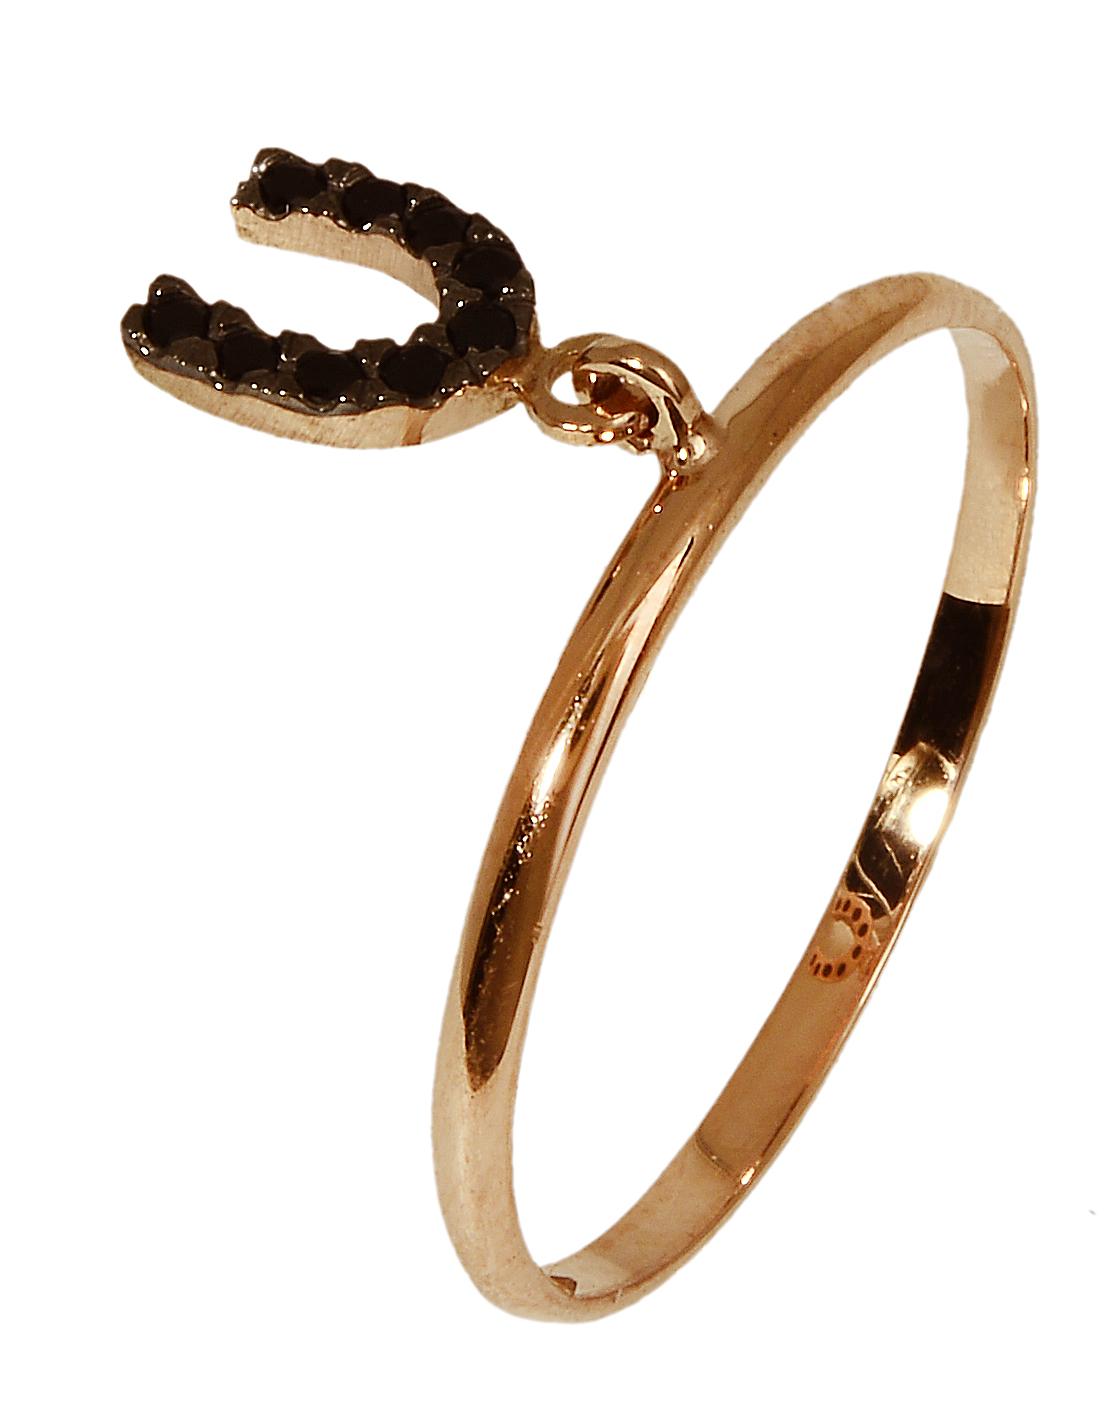 ΔΑΧΤΥΛΙΔΙΑ ONLINE 016687 016687 Χρυσός 14 Καράτια χρυσά κοσμήματα δαχτυλίδια με μαργαριτάρια και διάφορες πέτρες